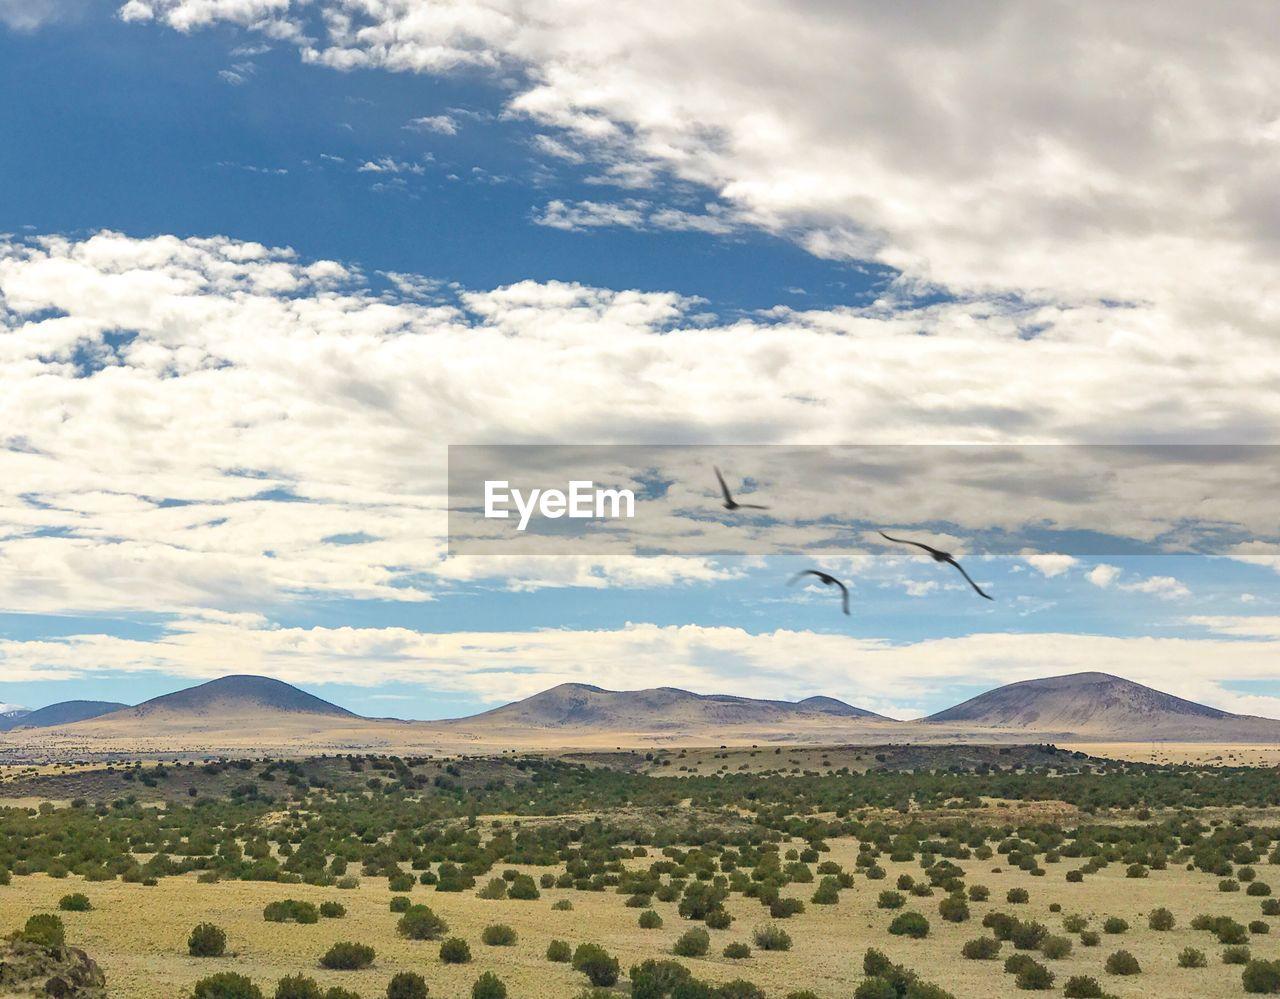 Birds flying over landscape against sky